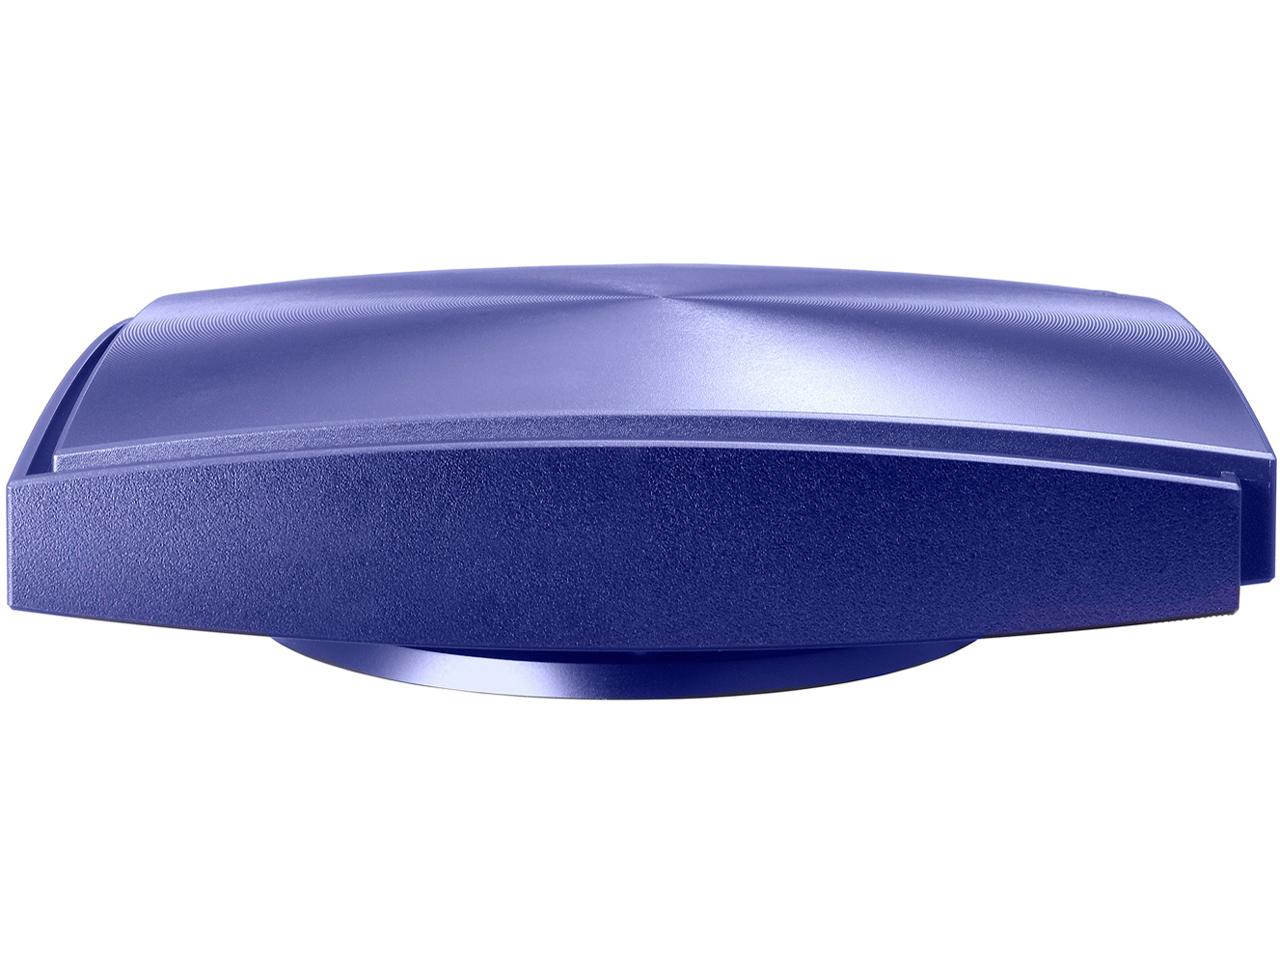 『本体 横置き時』 WN-AX2033GR [ミレニアム群青] の製品画像